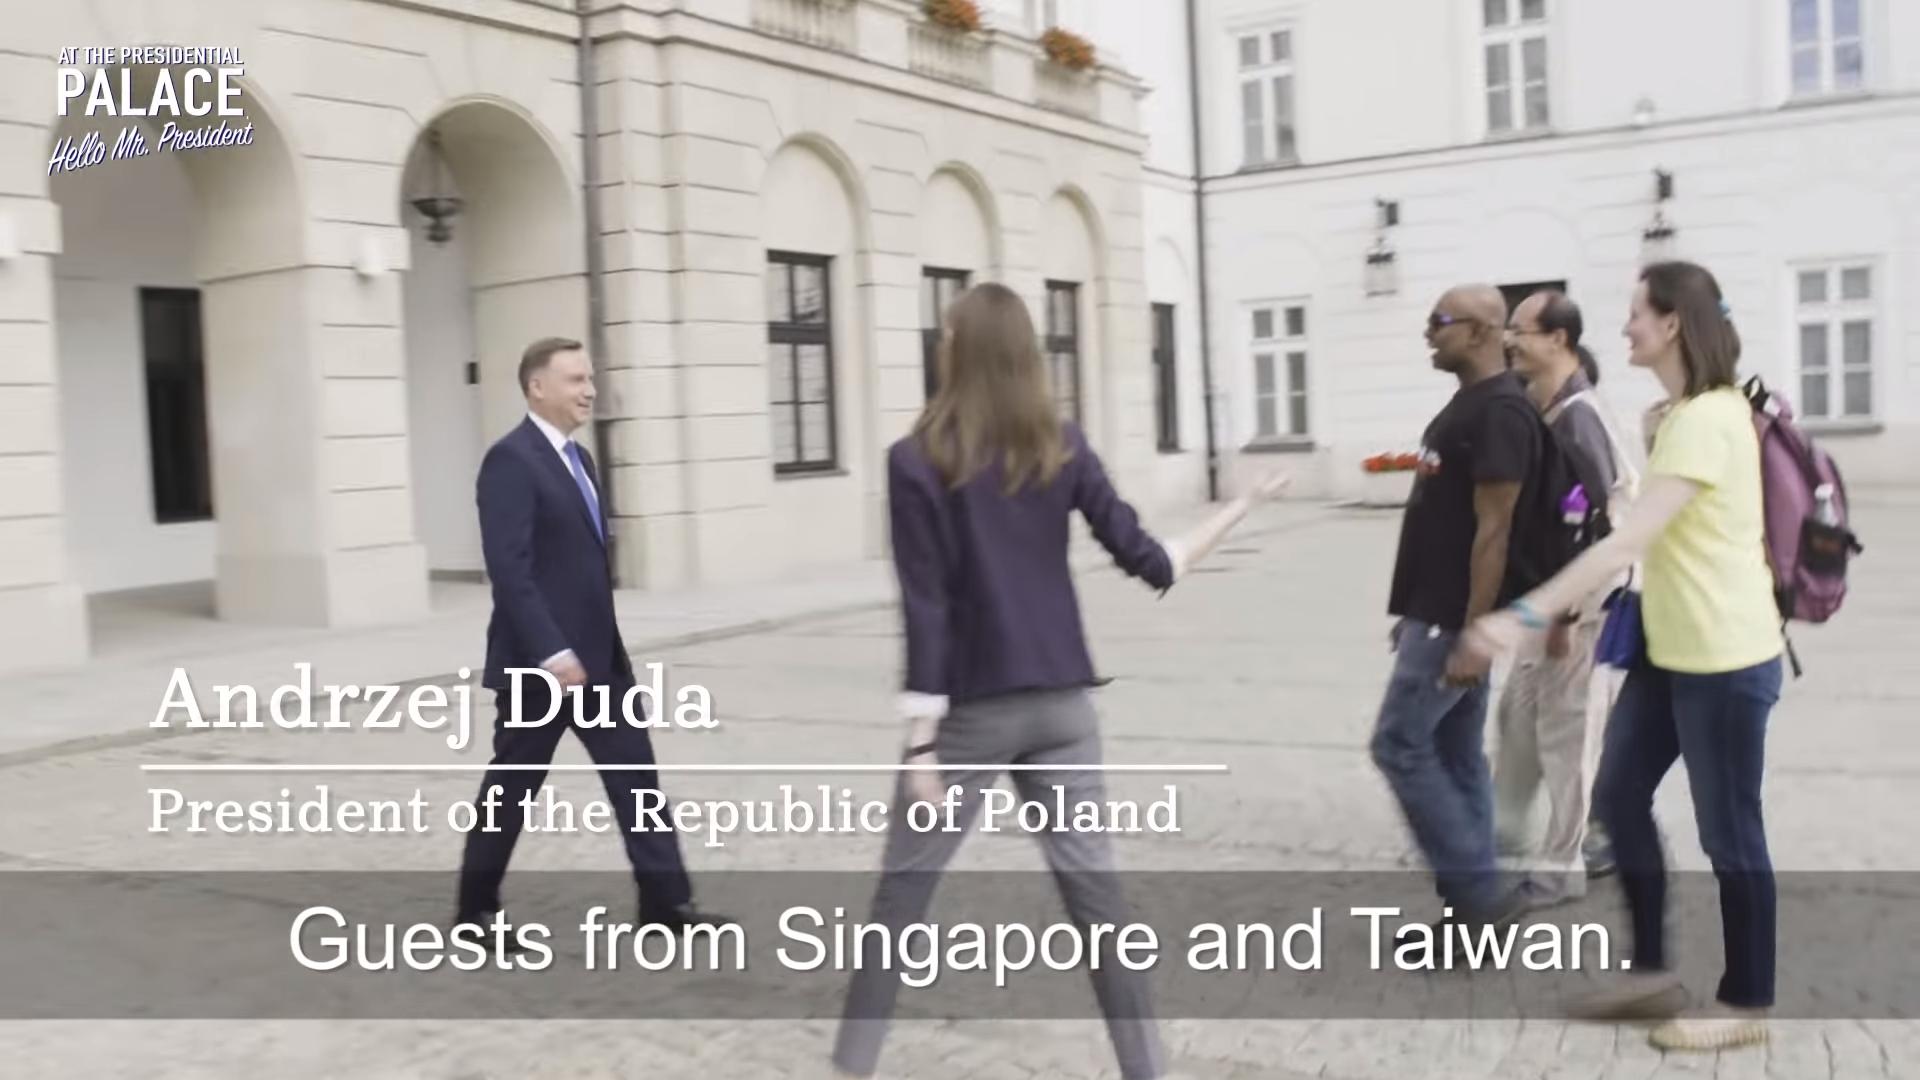 波蘭宣傳國家出新招,邀請觀光客與總統杜達一起下午茶,來自台灣和新加坡的4名旅客幸運被選中(翻攝影片)